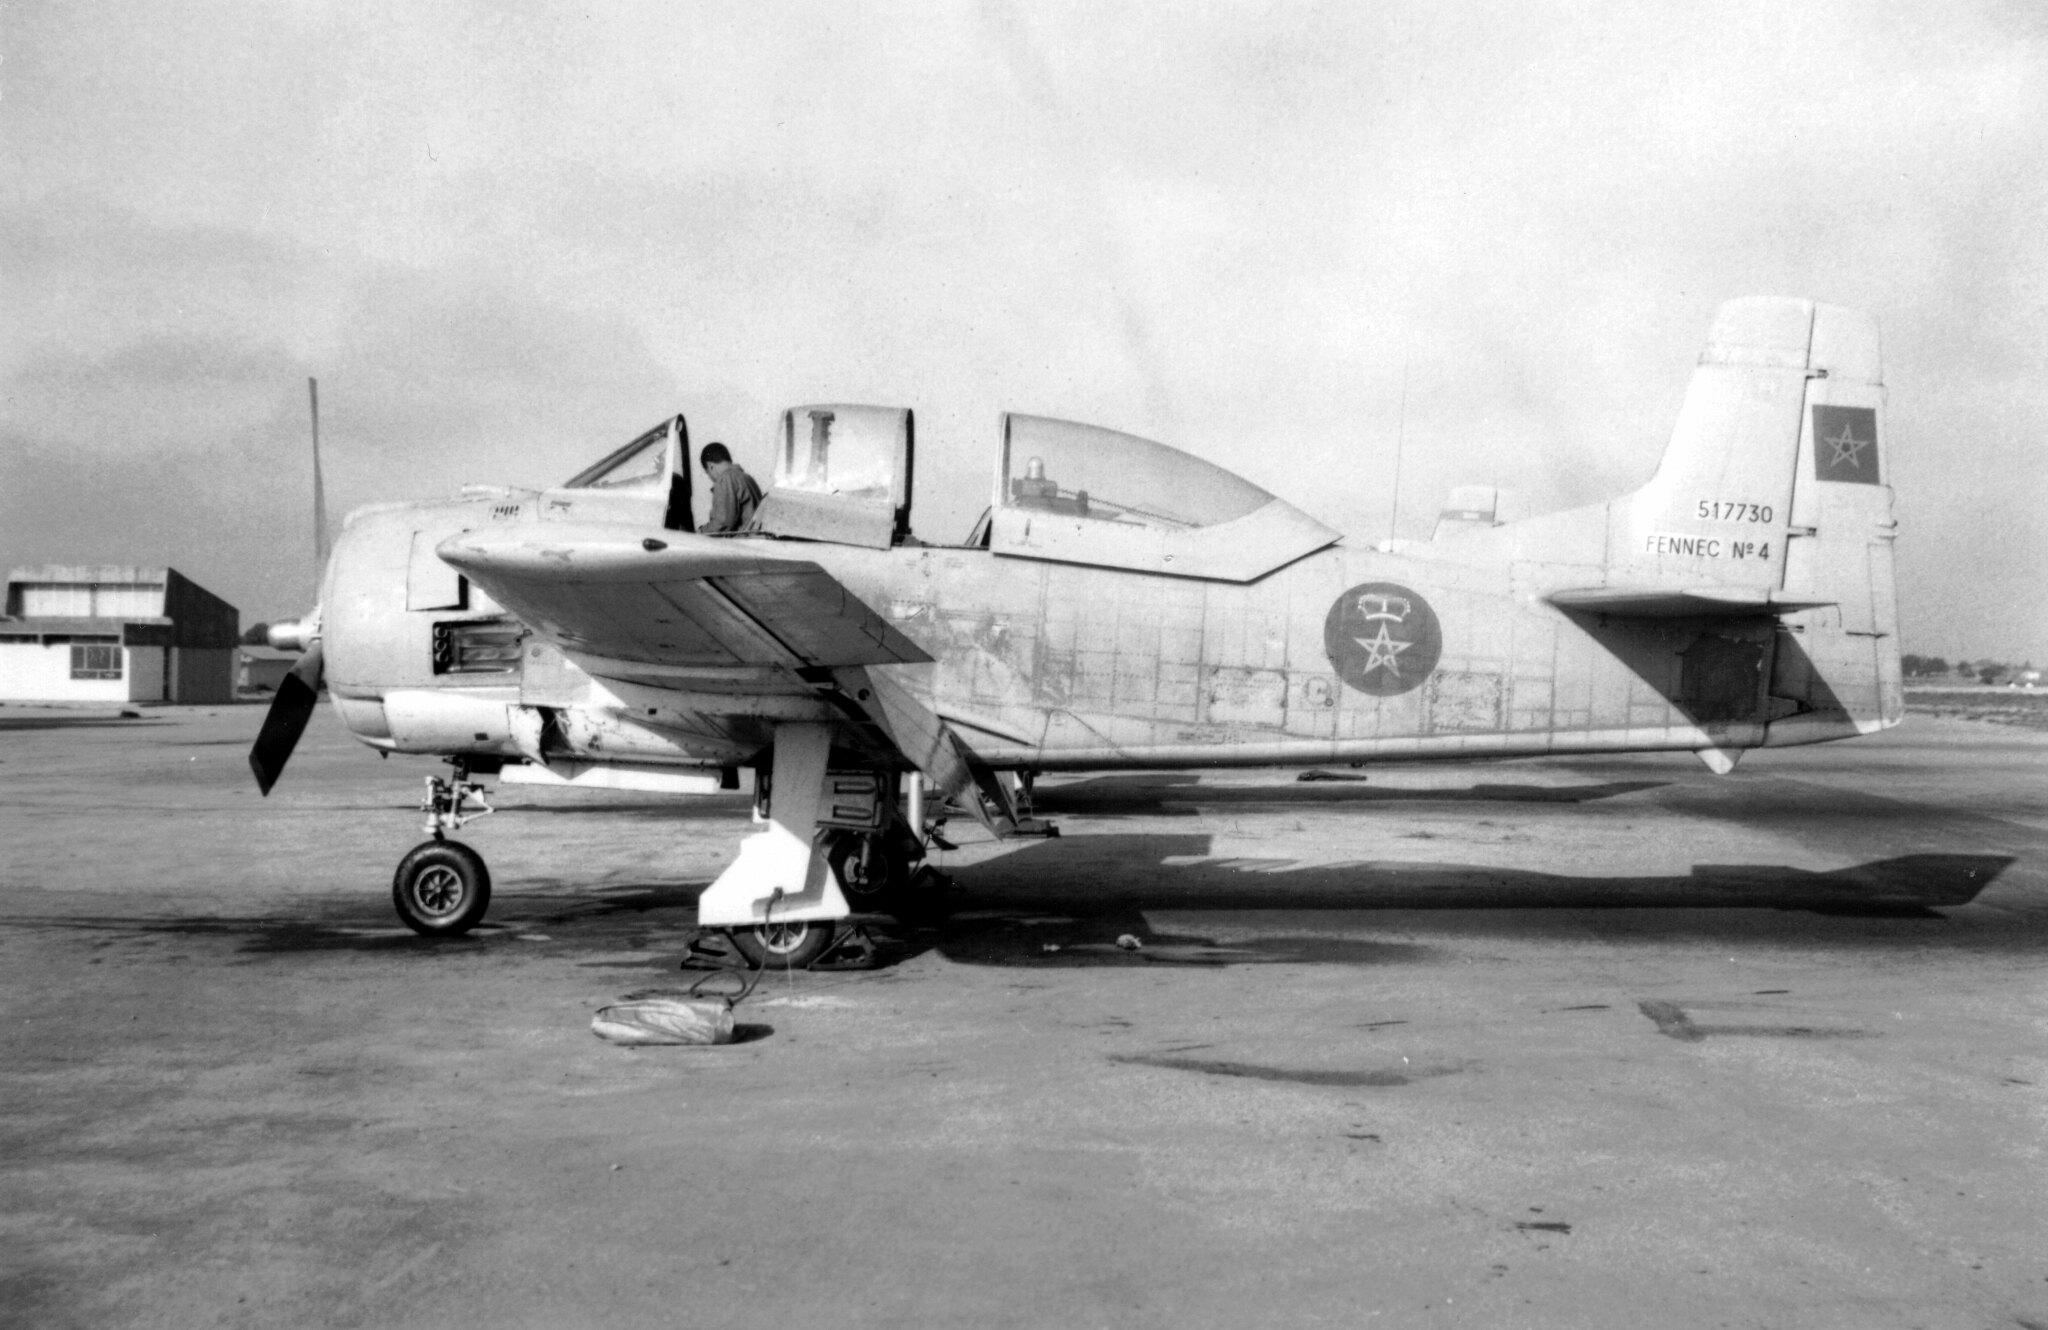 FRA: Photos anciens avions des FRA - Page 13 49014572481_36957dd286_k